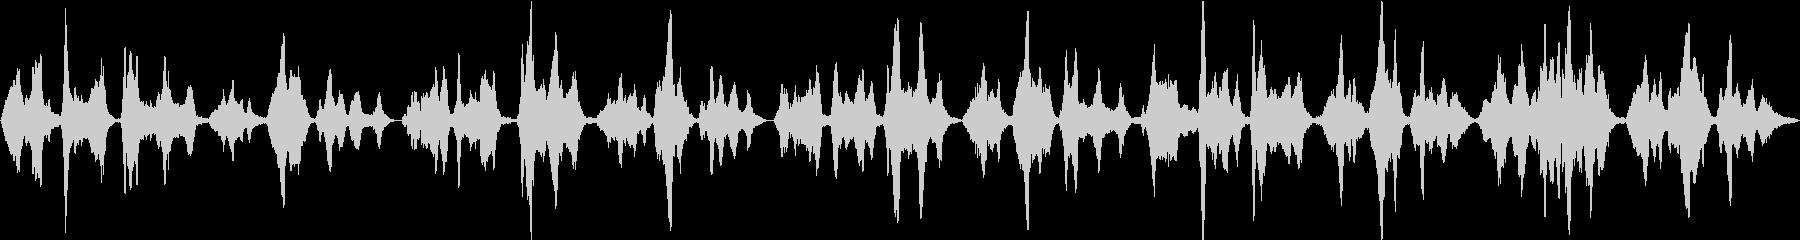 癒しの二胡が奏でる日本の童謡「子守歌」の未再生の波形